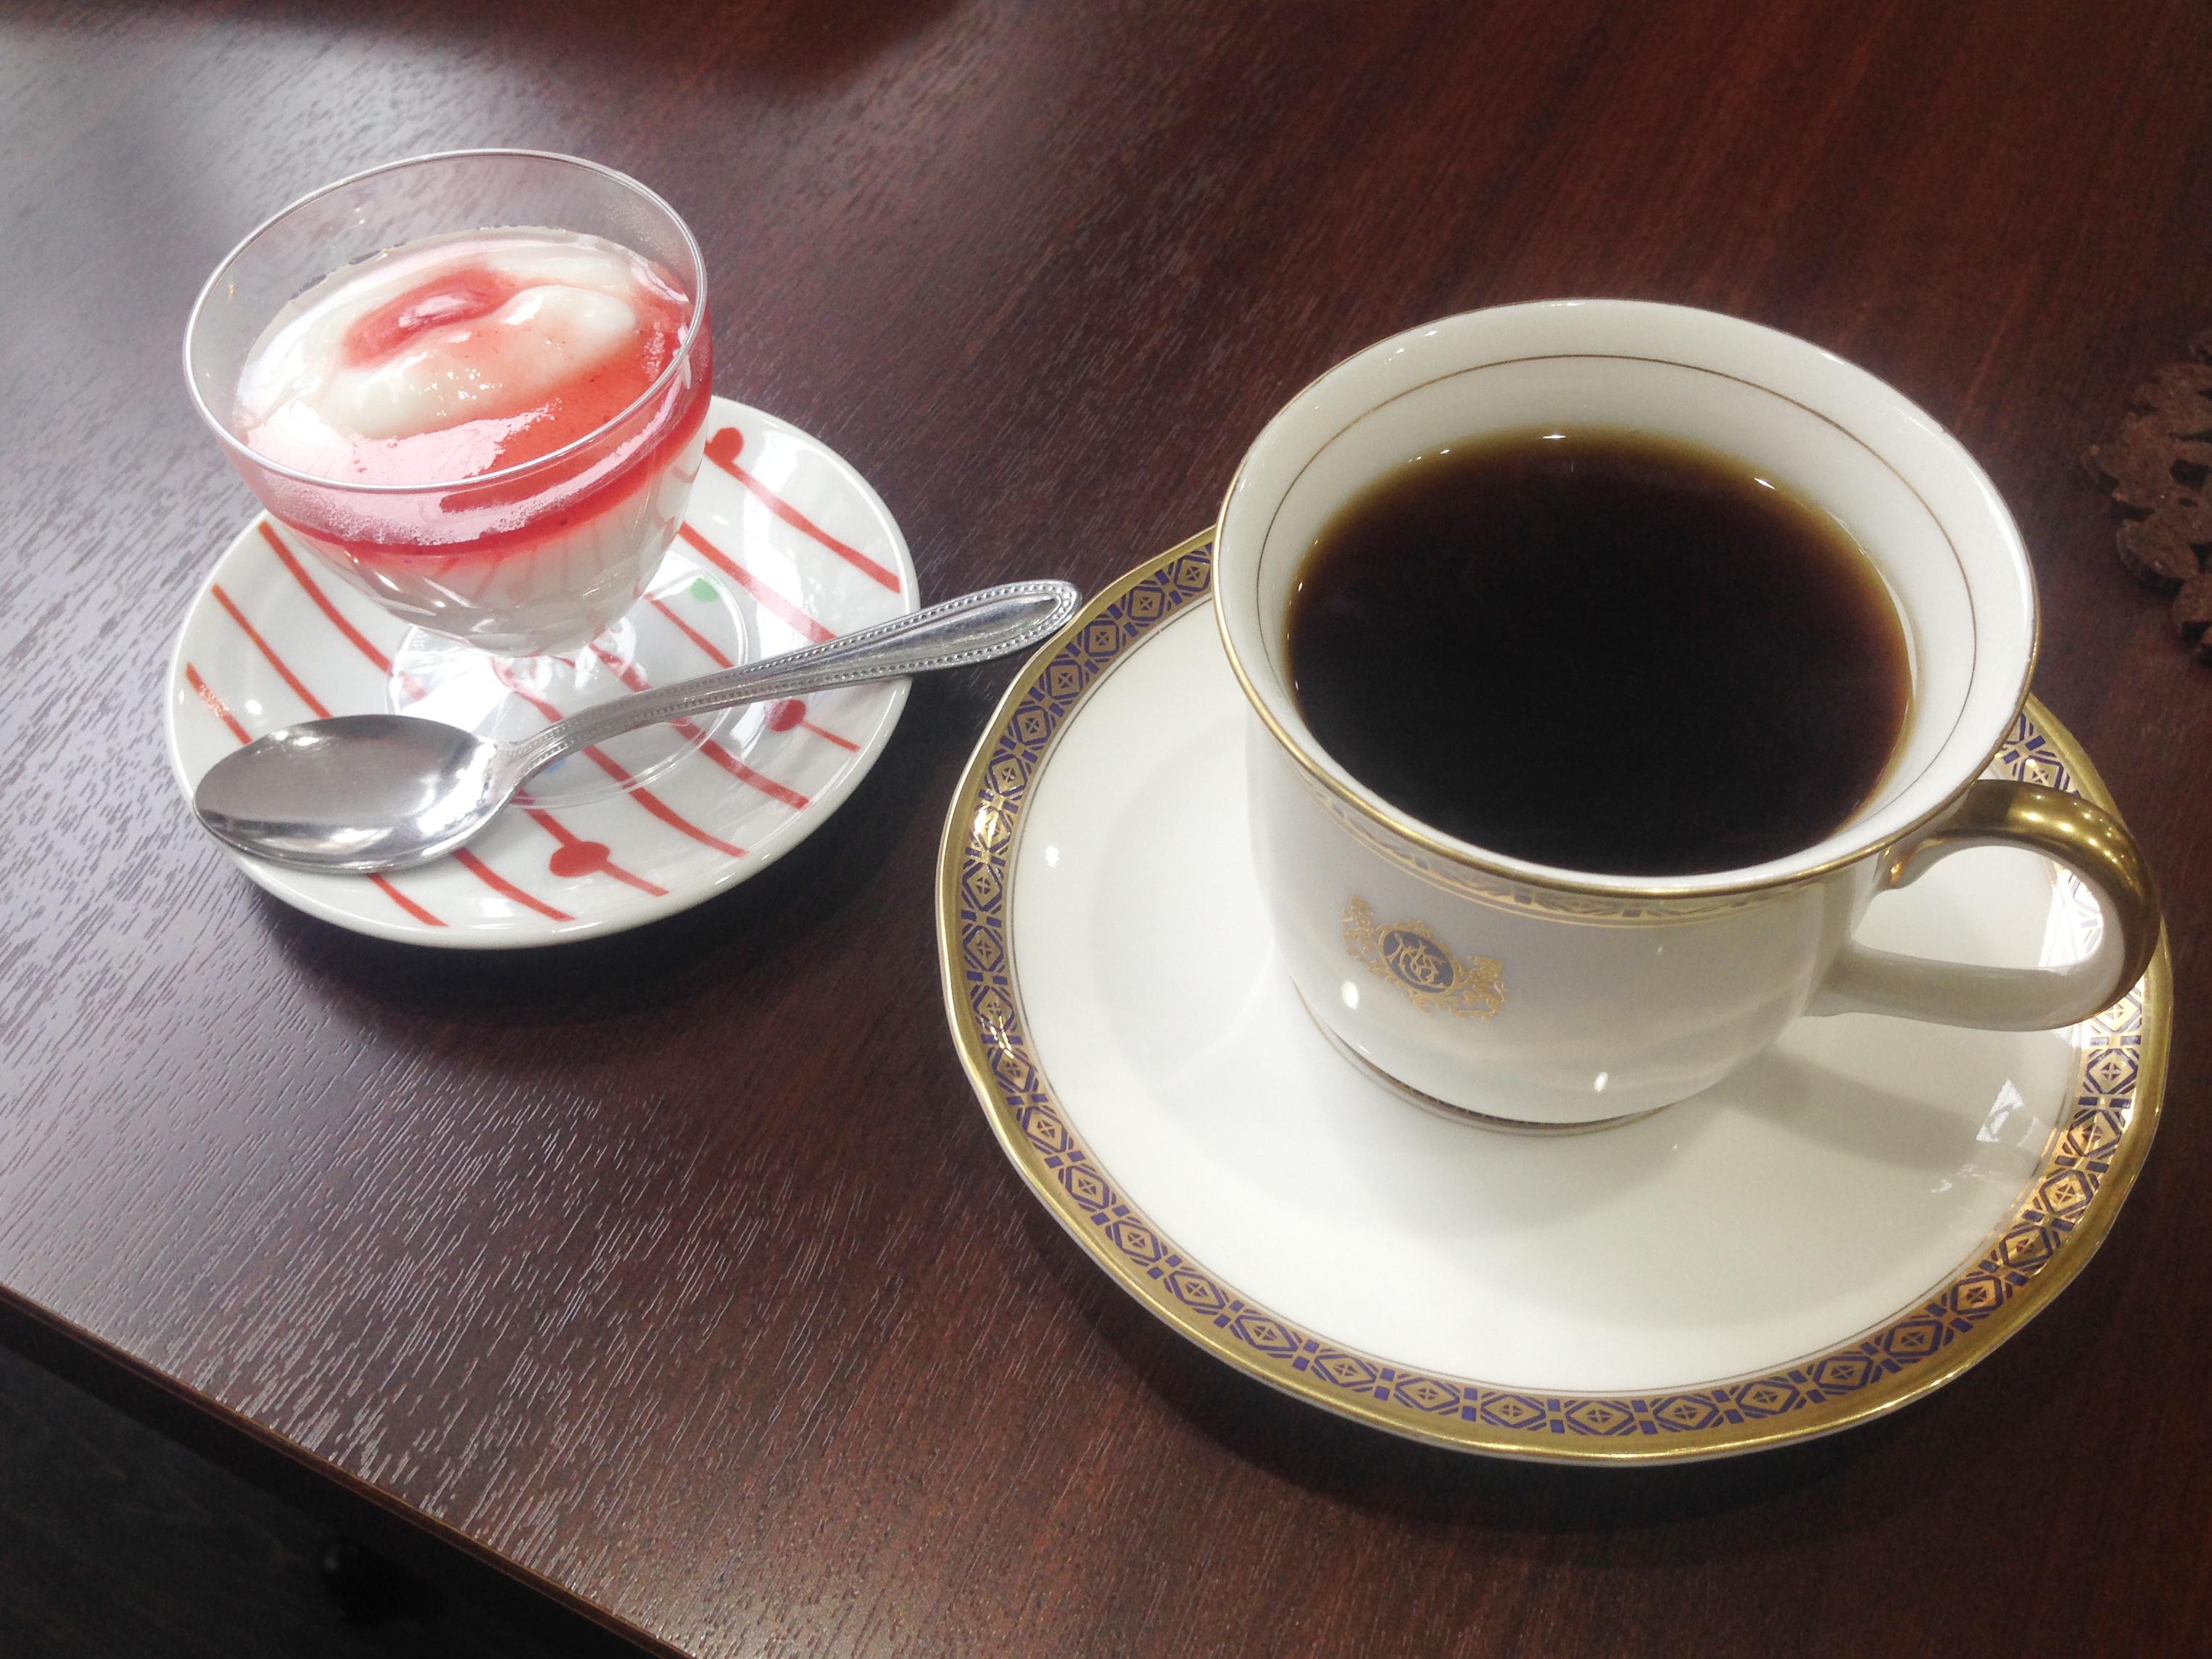 Cafe ALAmiさまコーヒーとデザート